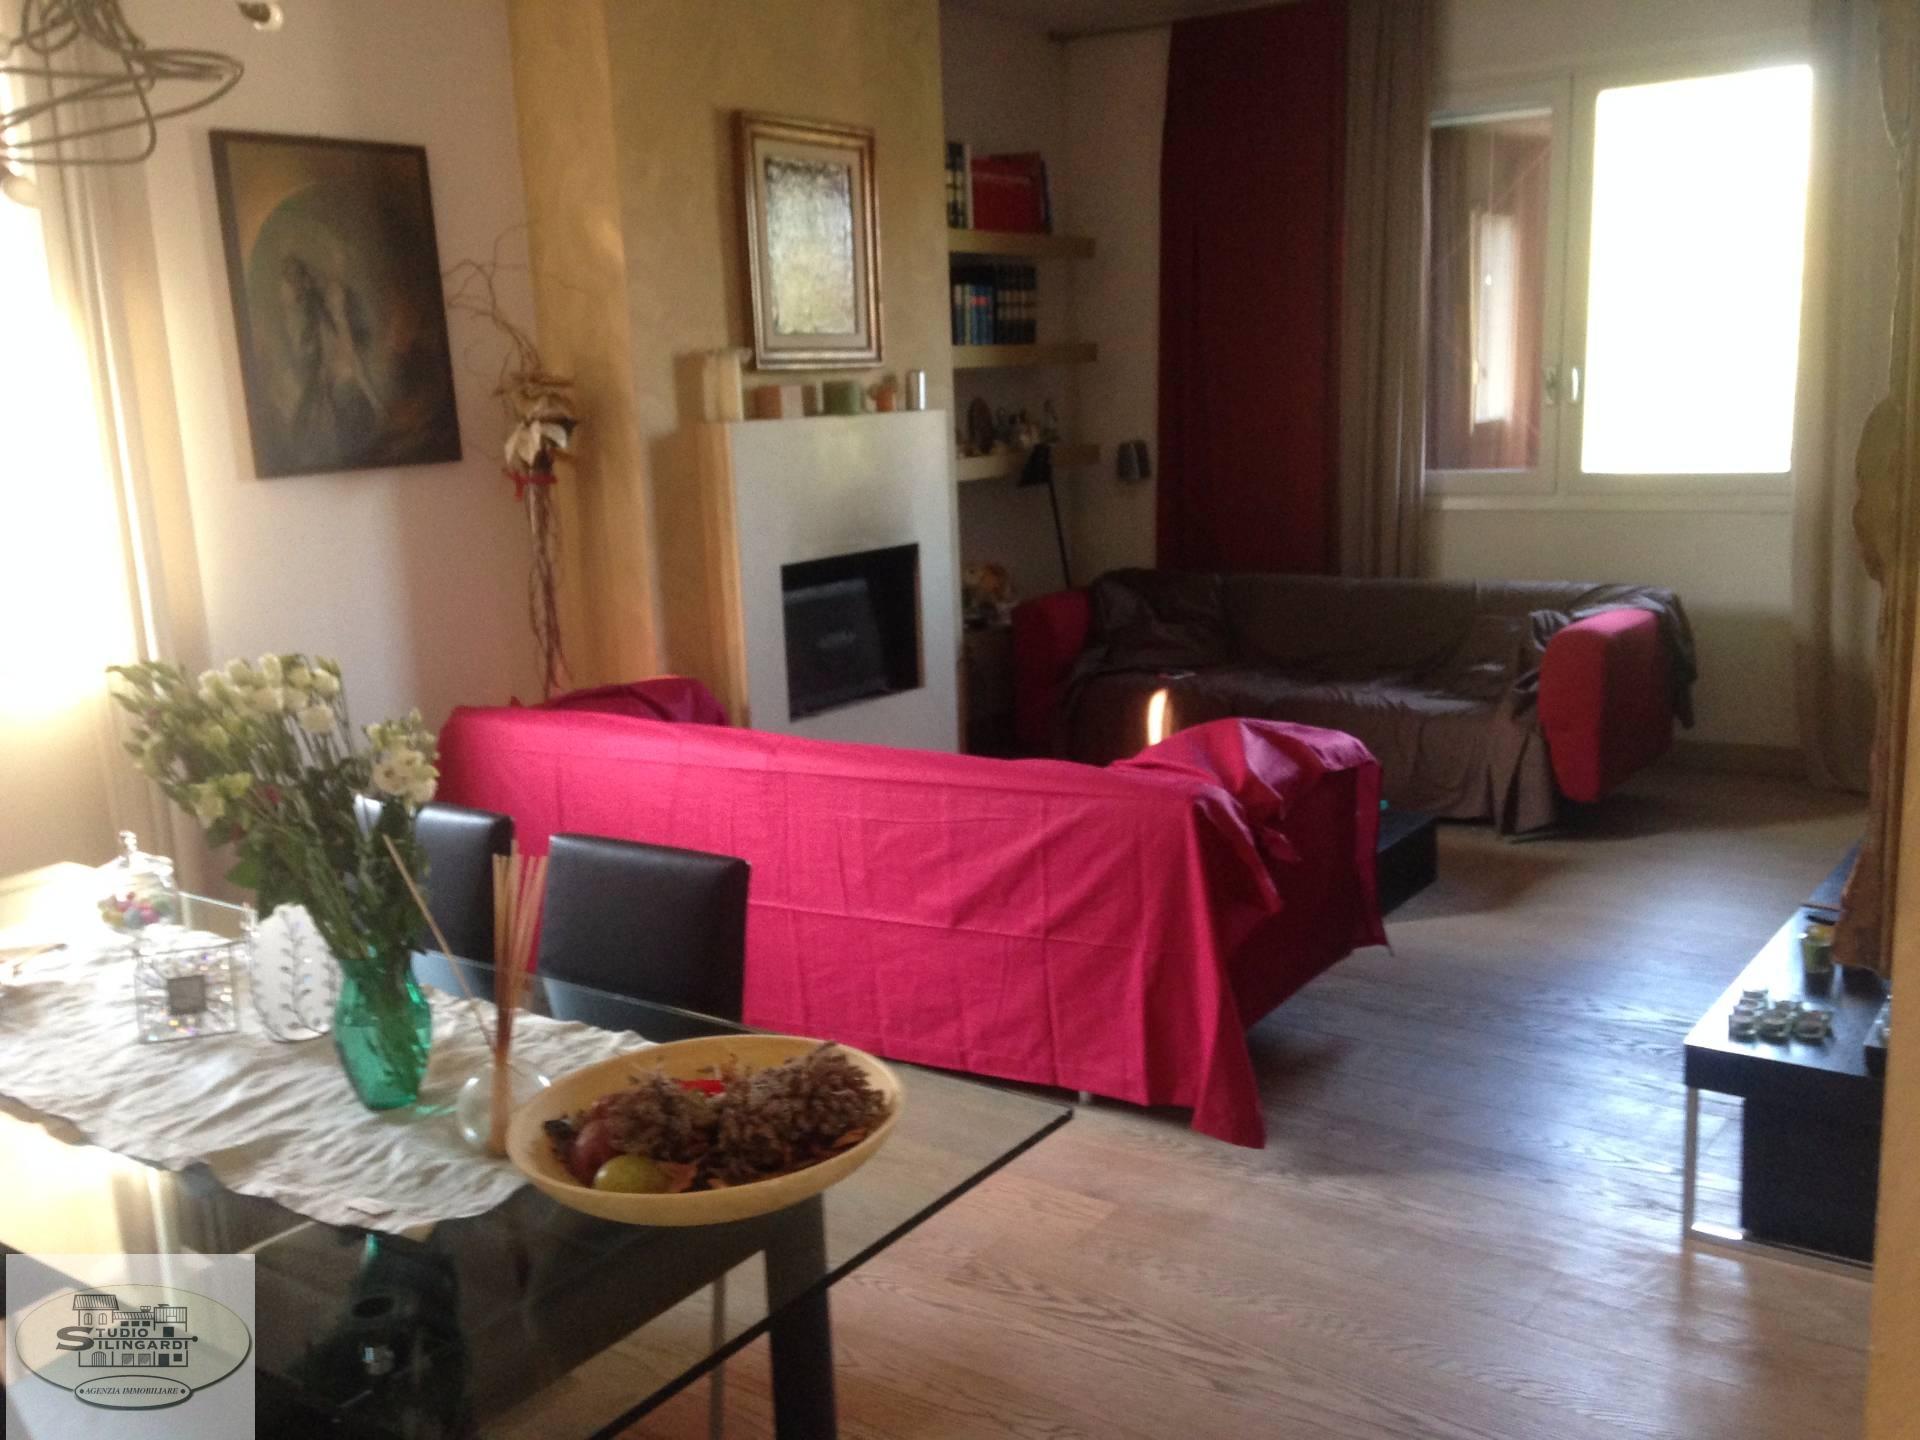 Villa in vendita a Formigine, 15 locali, zona Località: Formigine, Trattative riservate | CambioCasa.it